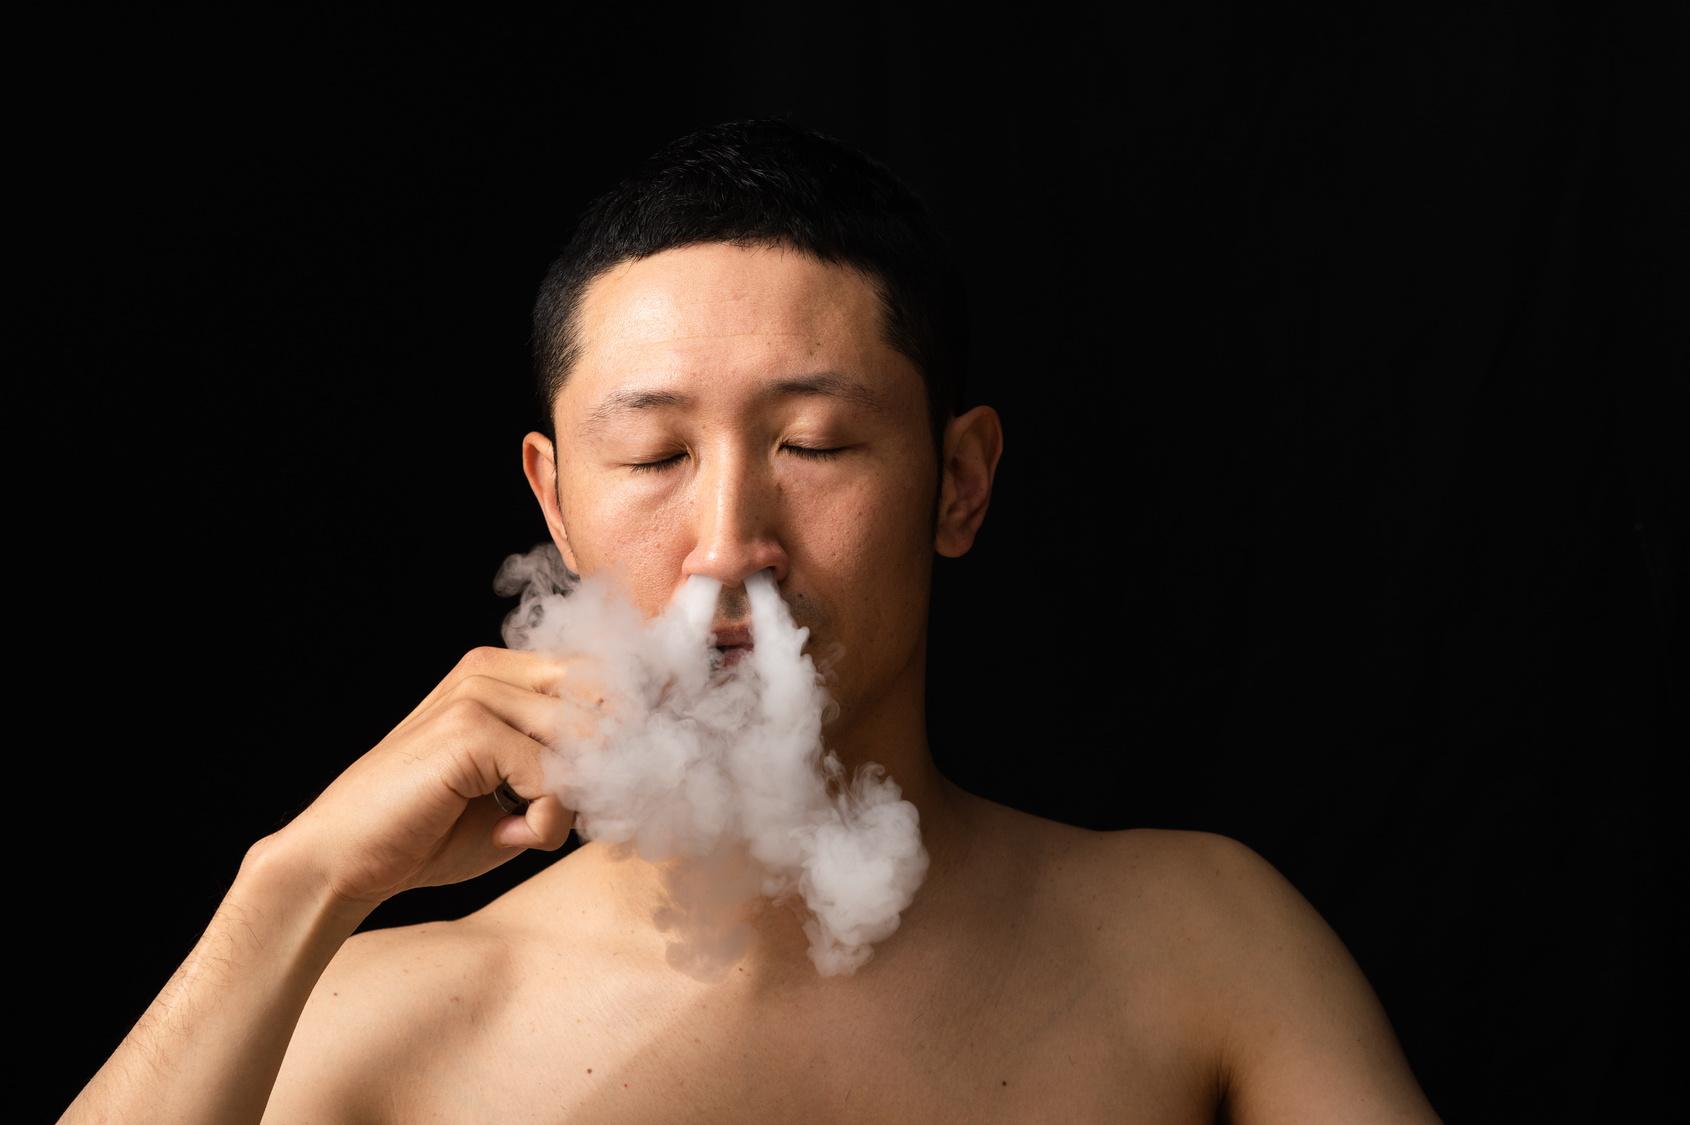 男性の鼻息